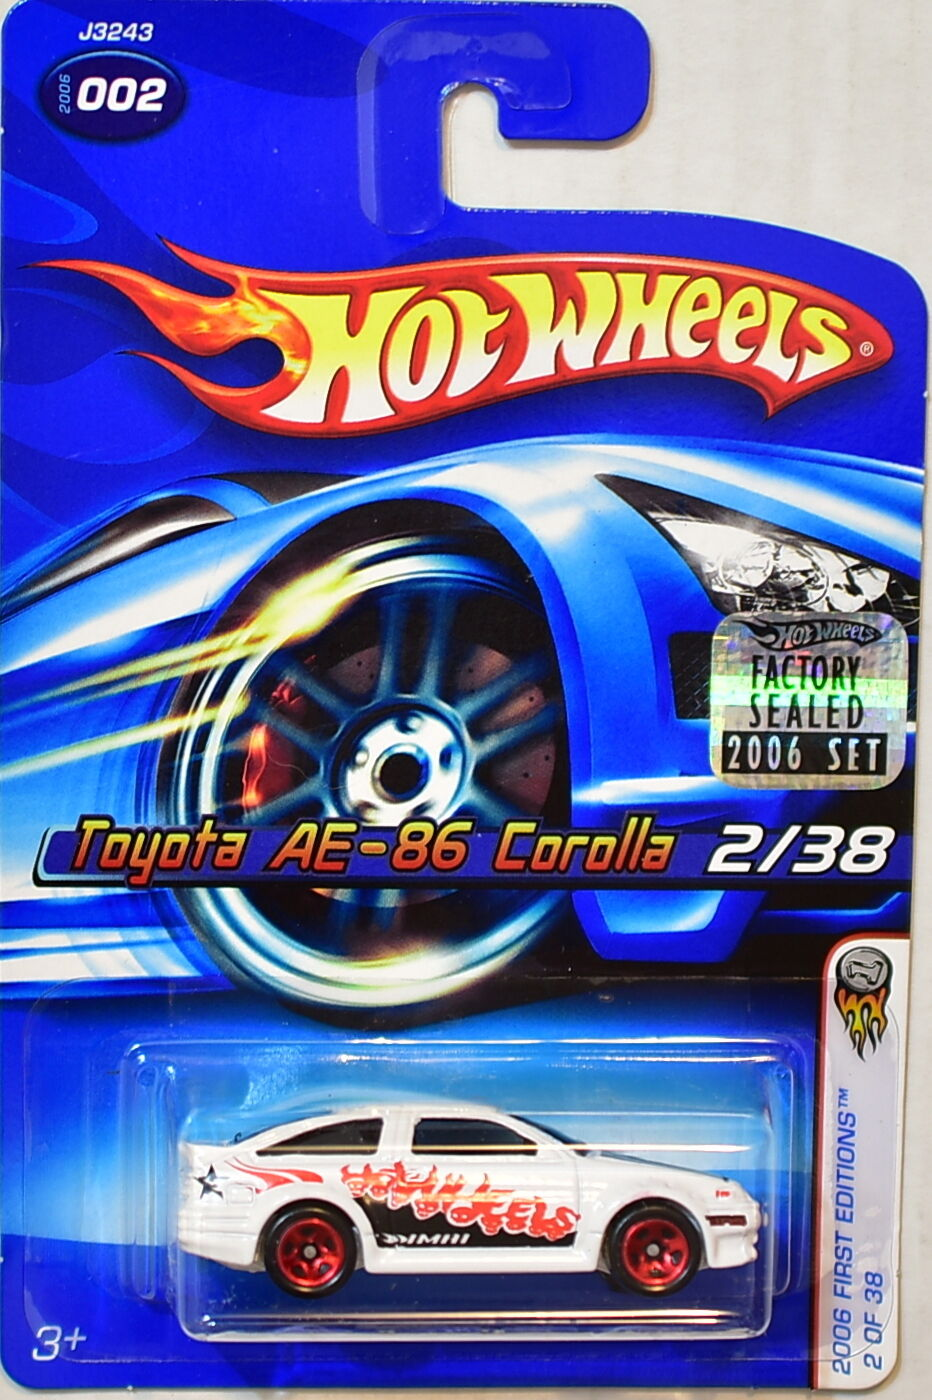 Hot Wheels 2014 Hw Workshop Chevrolet Ss Zamak Werkseitig Versiegelt Modellbau Auto- & Verkehrsmodelle